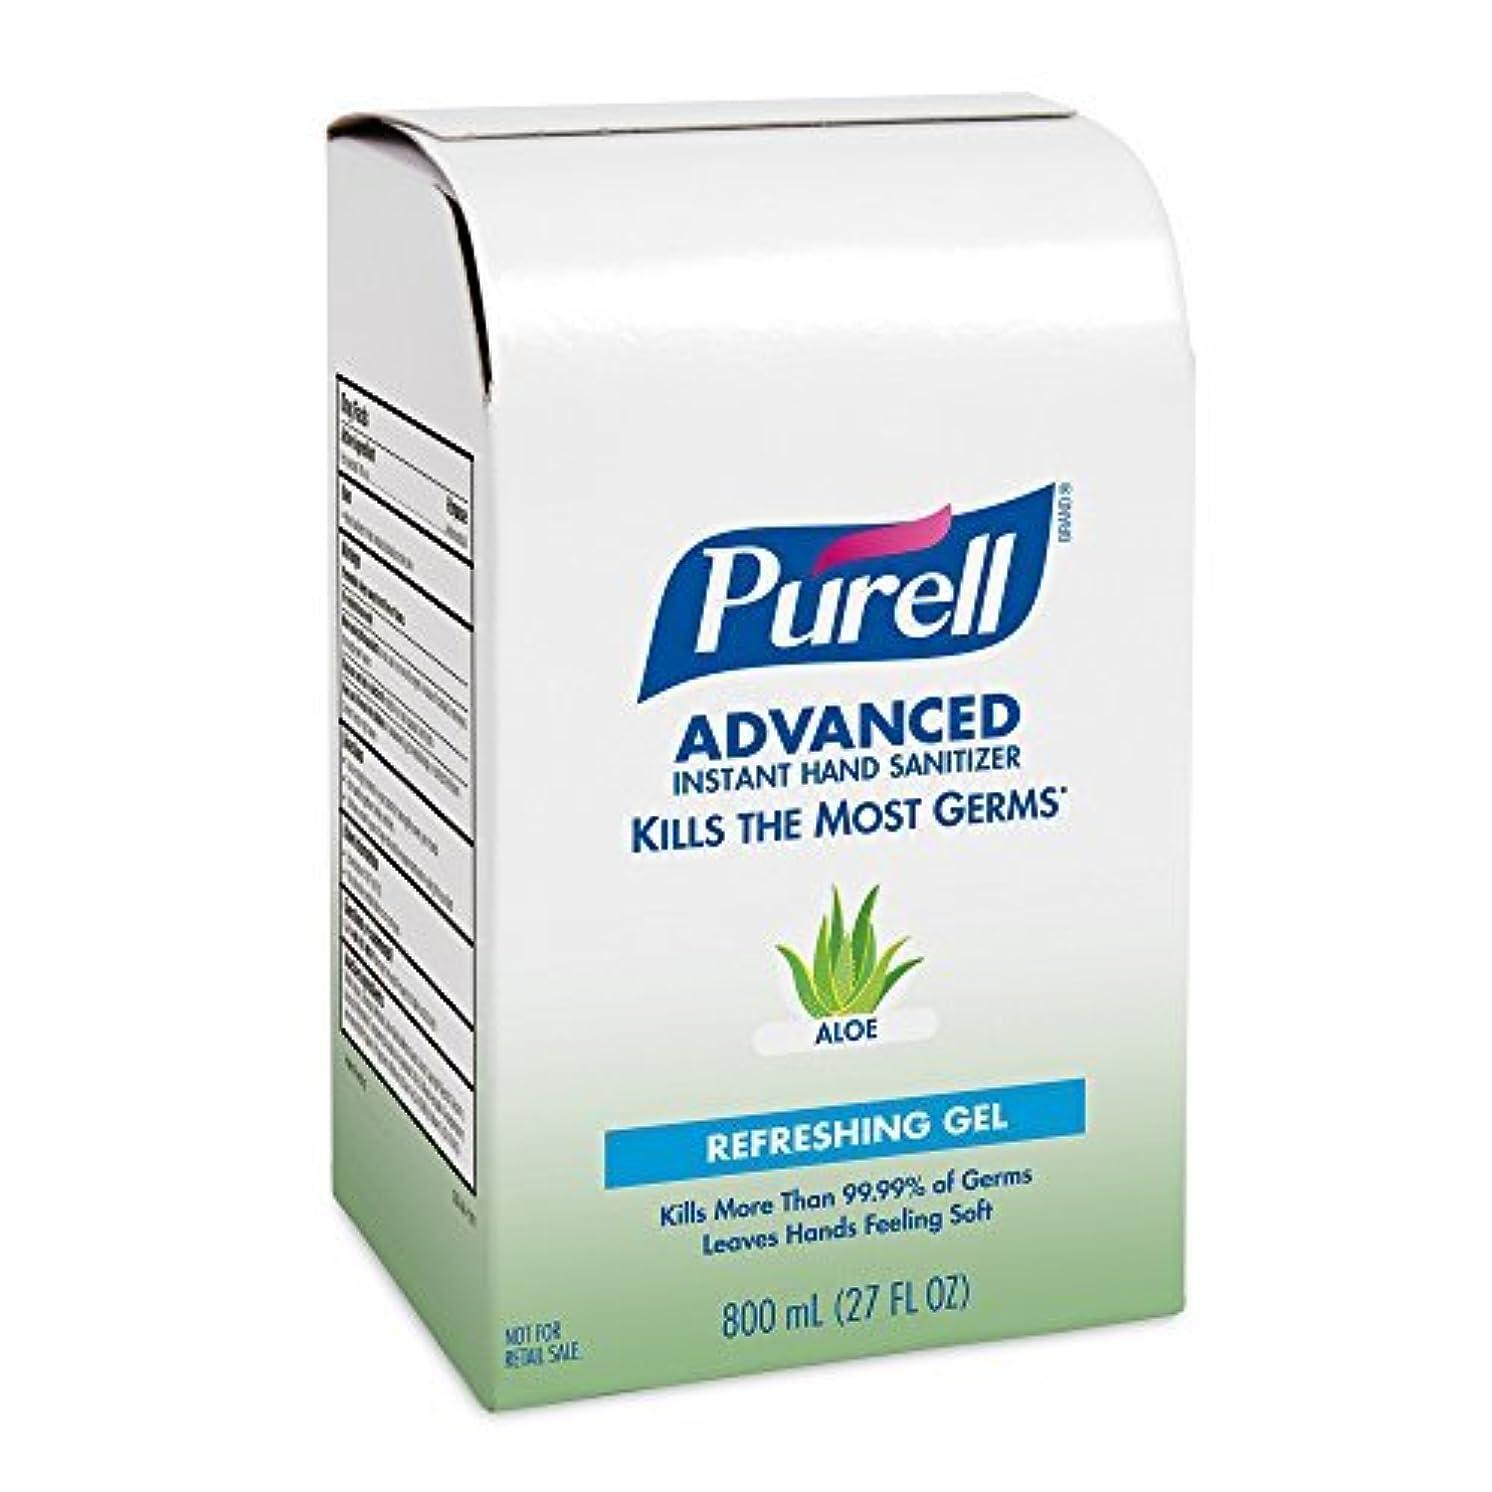 微弱予想外アシスタントPURELL 9637-12 Advanced Instant Hand Sanitizer with Aloe 800 mL Refill (Pack of 12) [並行輸入品]